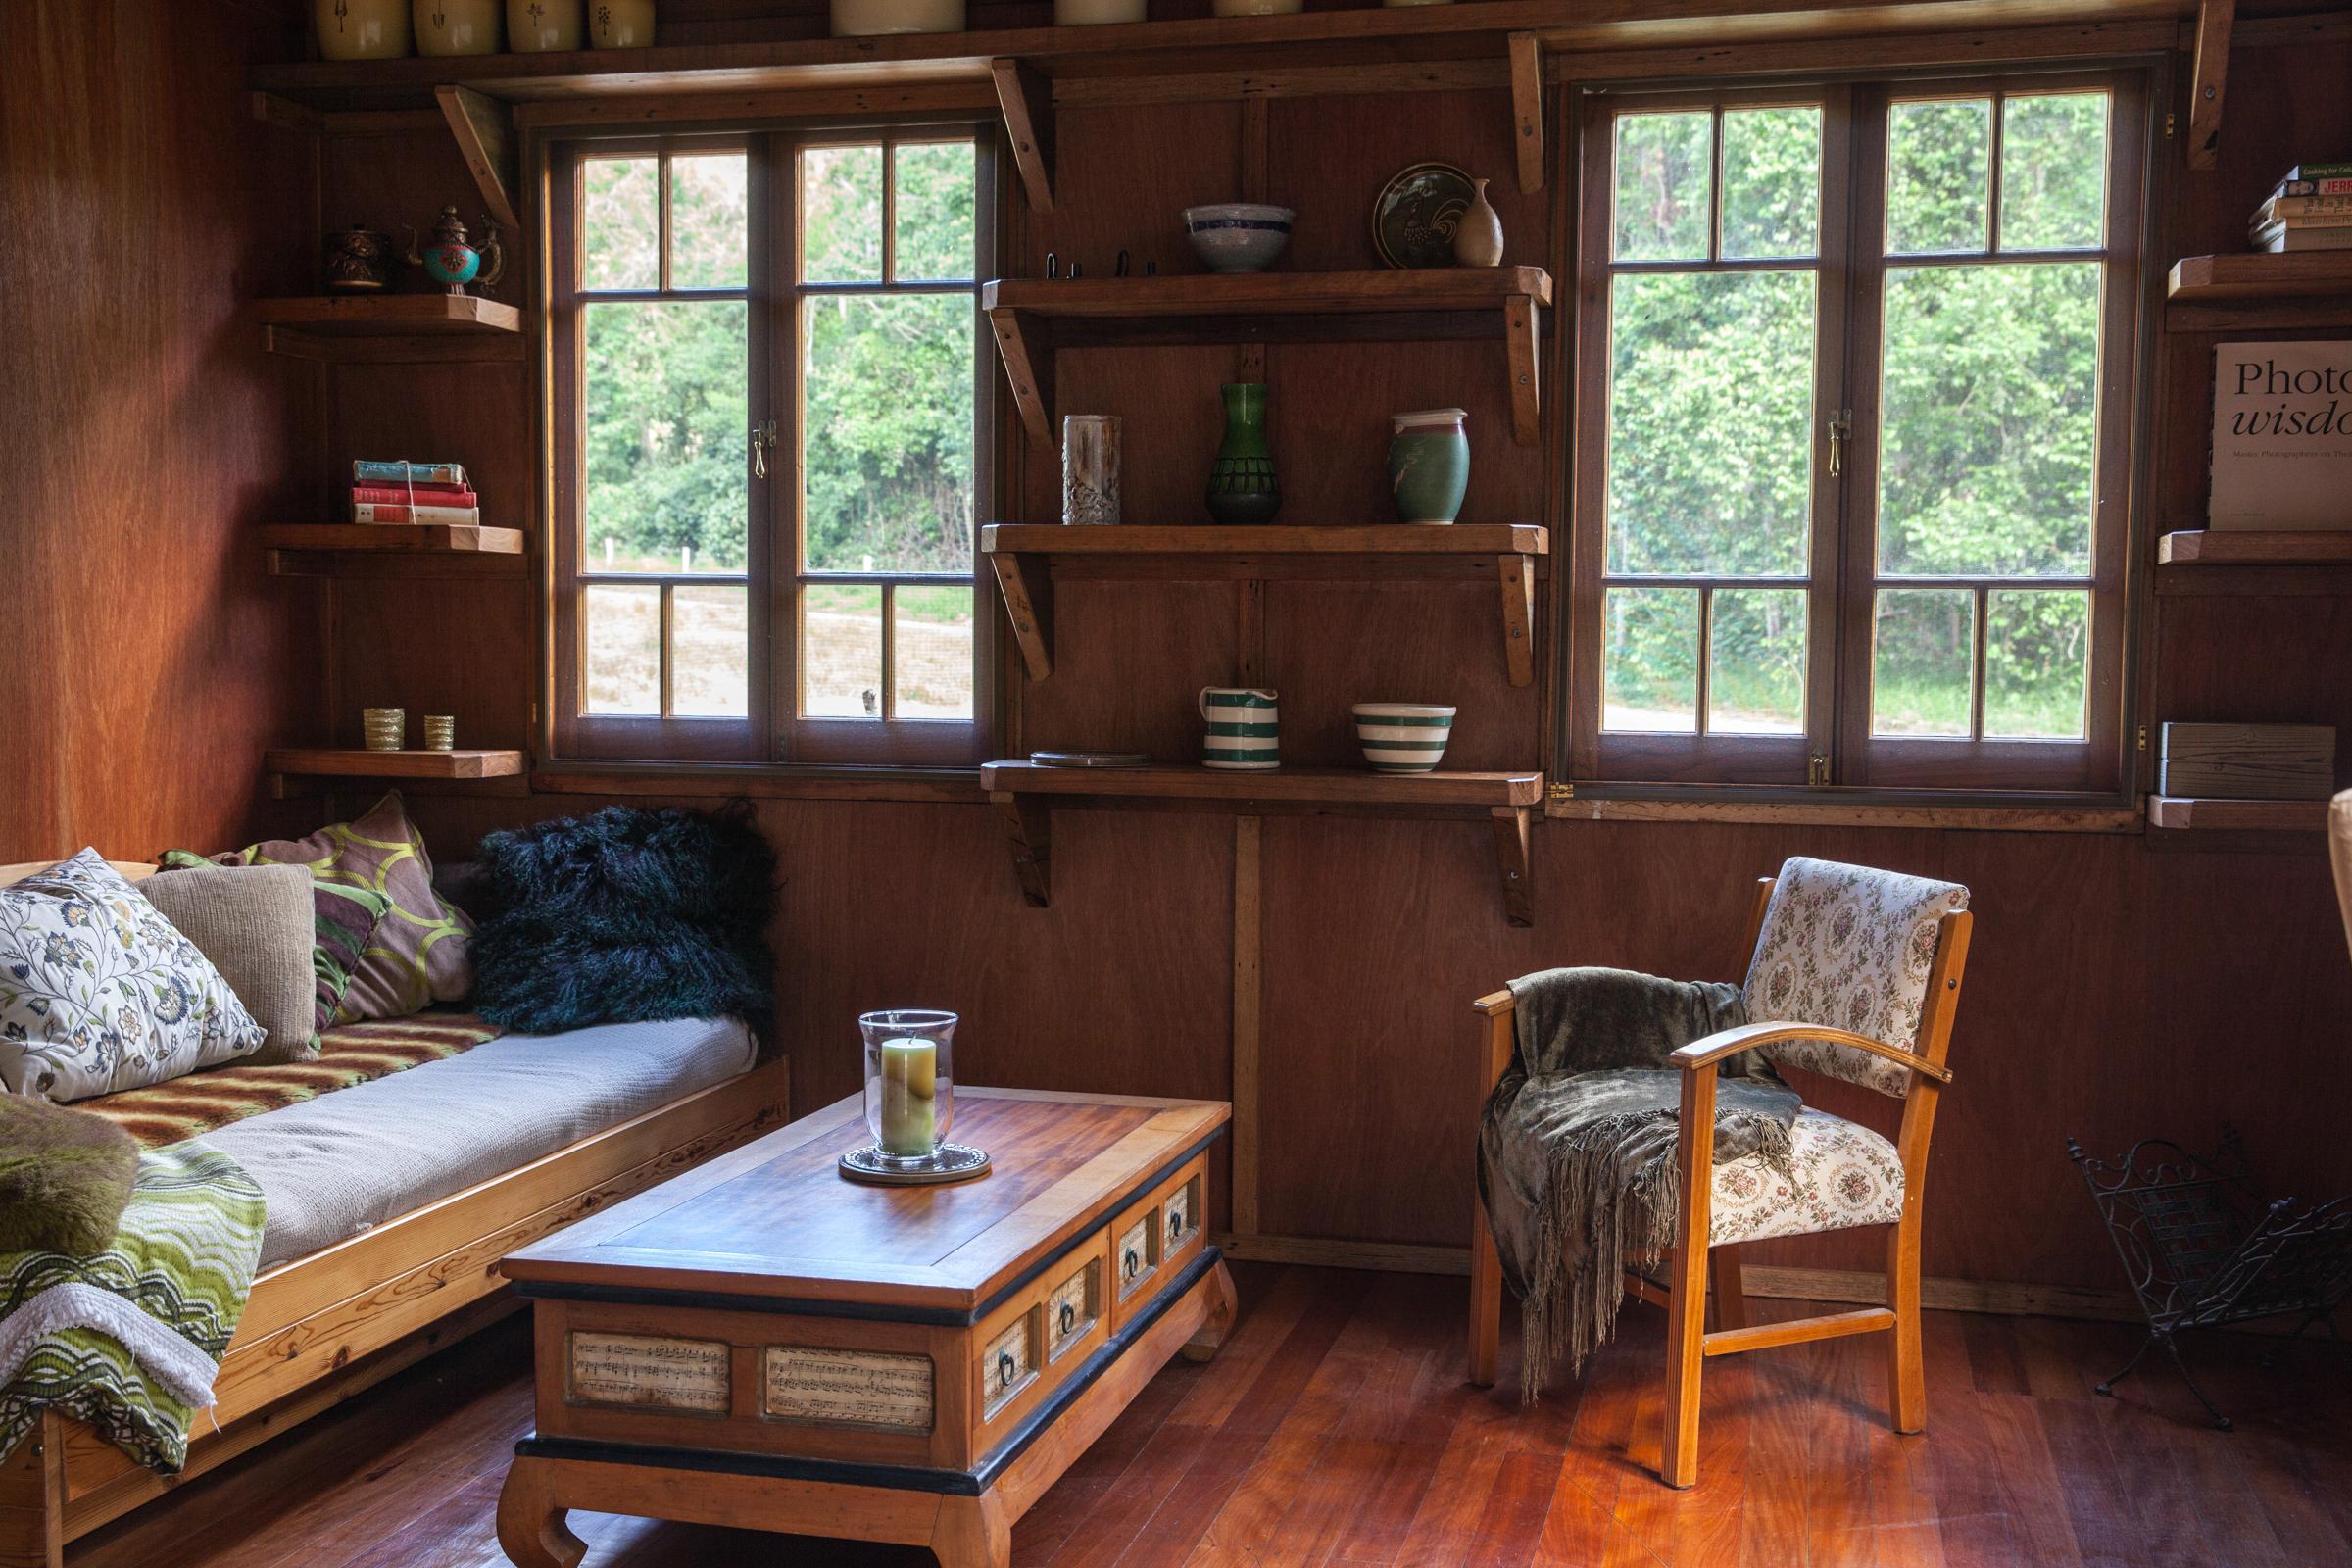 20170505_sanctuary cabin_0002.jpg